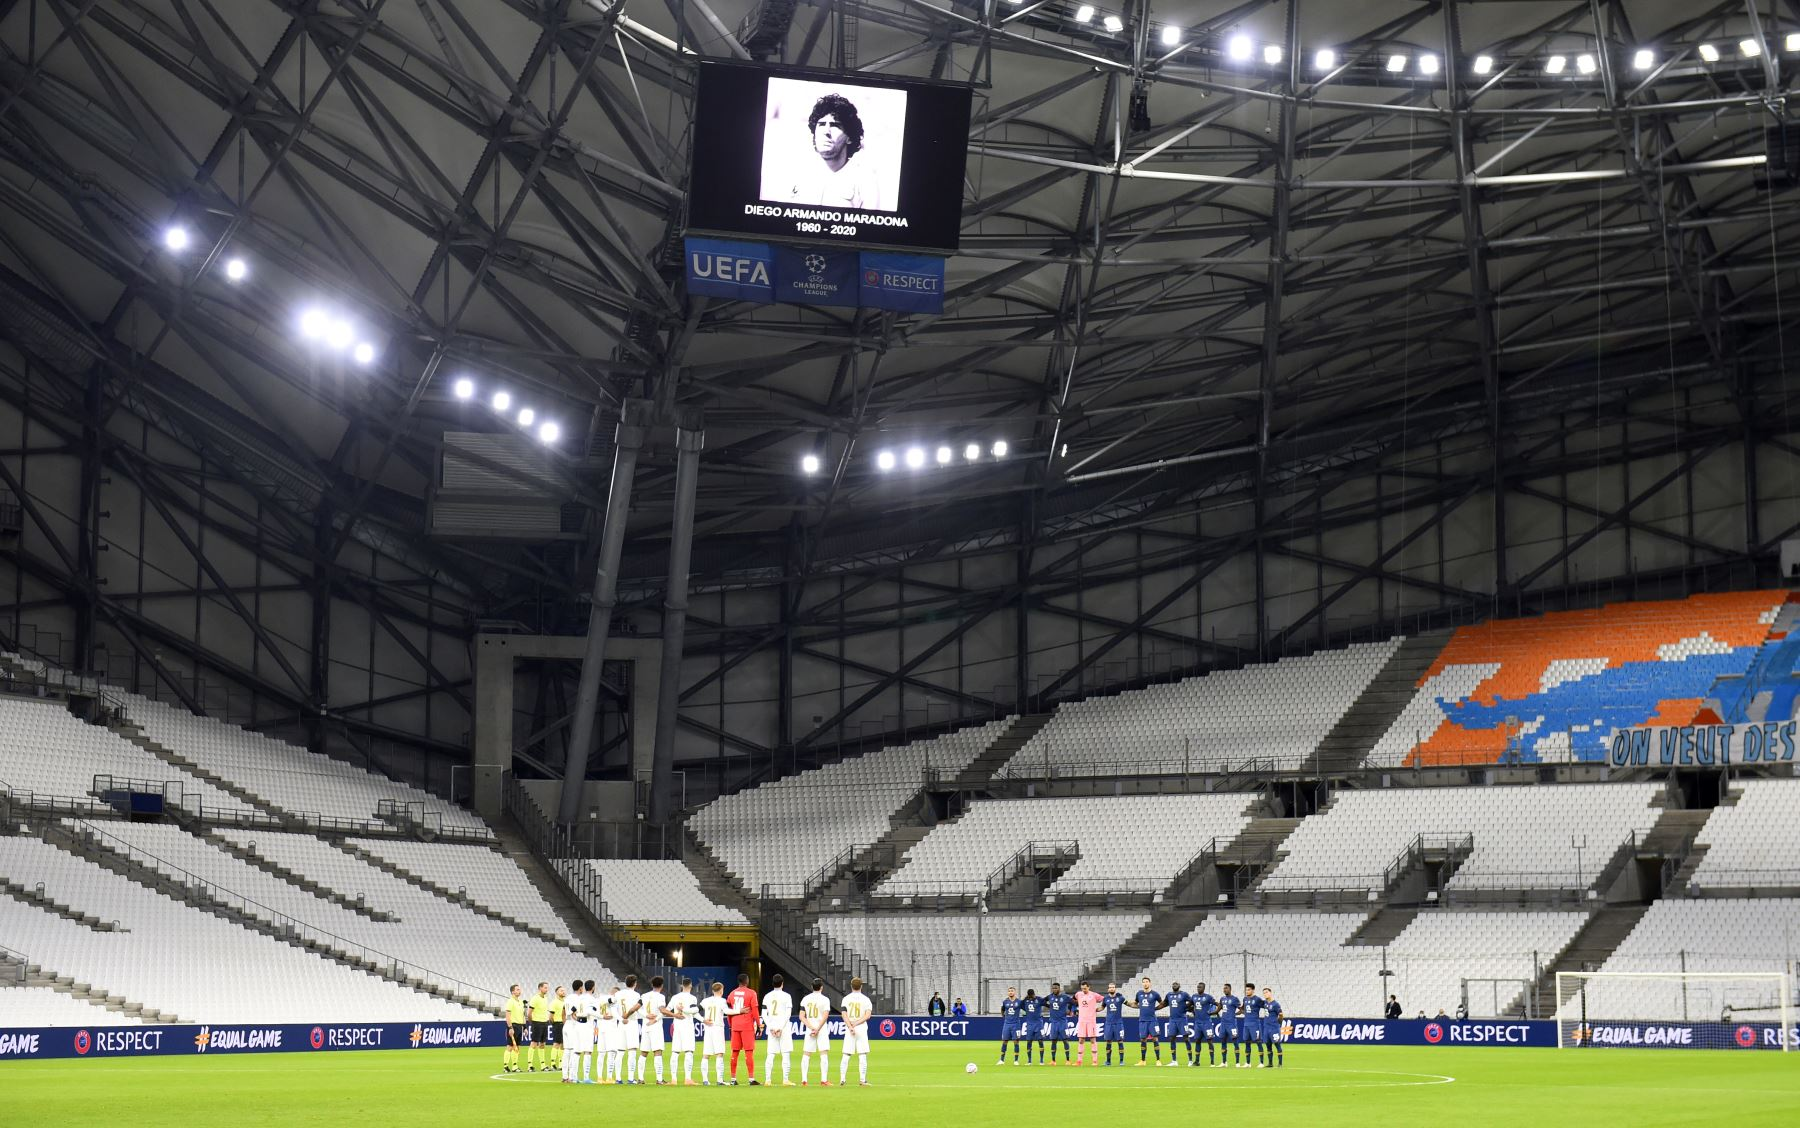 Los jugadores guardan un minuto de silencio para rendir homenaje a la leyenda del fútbol argentino Diego Maradona en el FC Porto. Foto. AFP